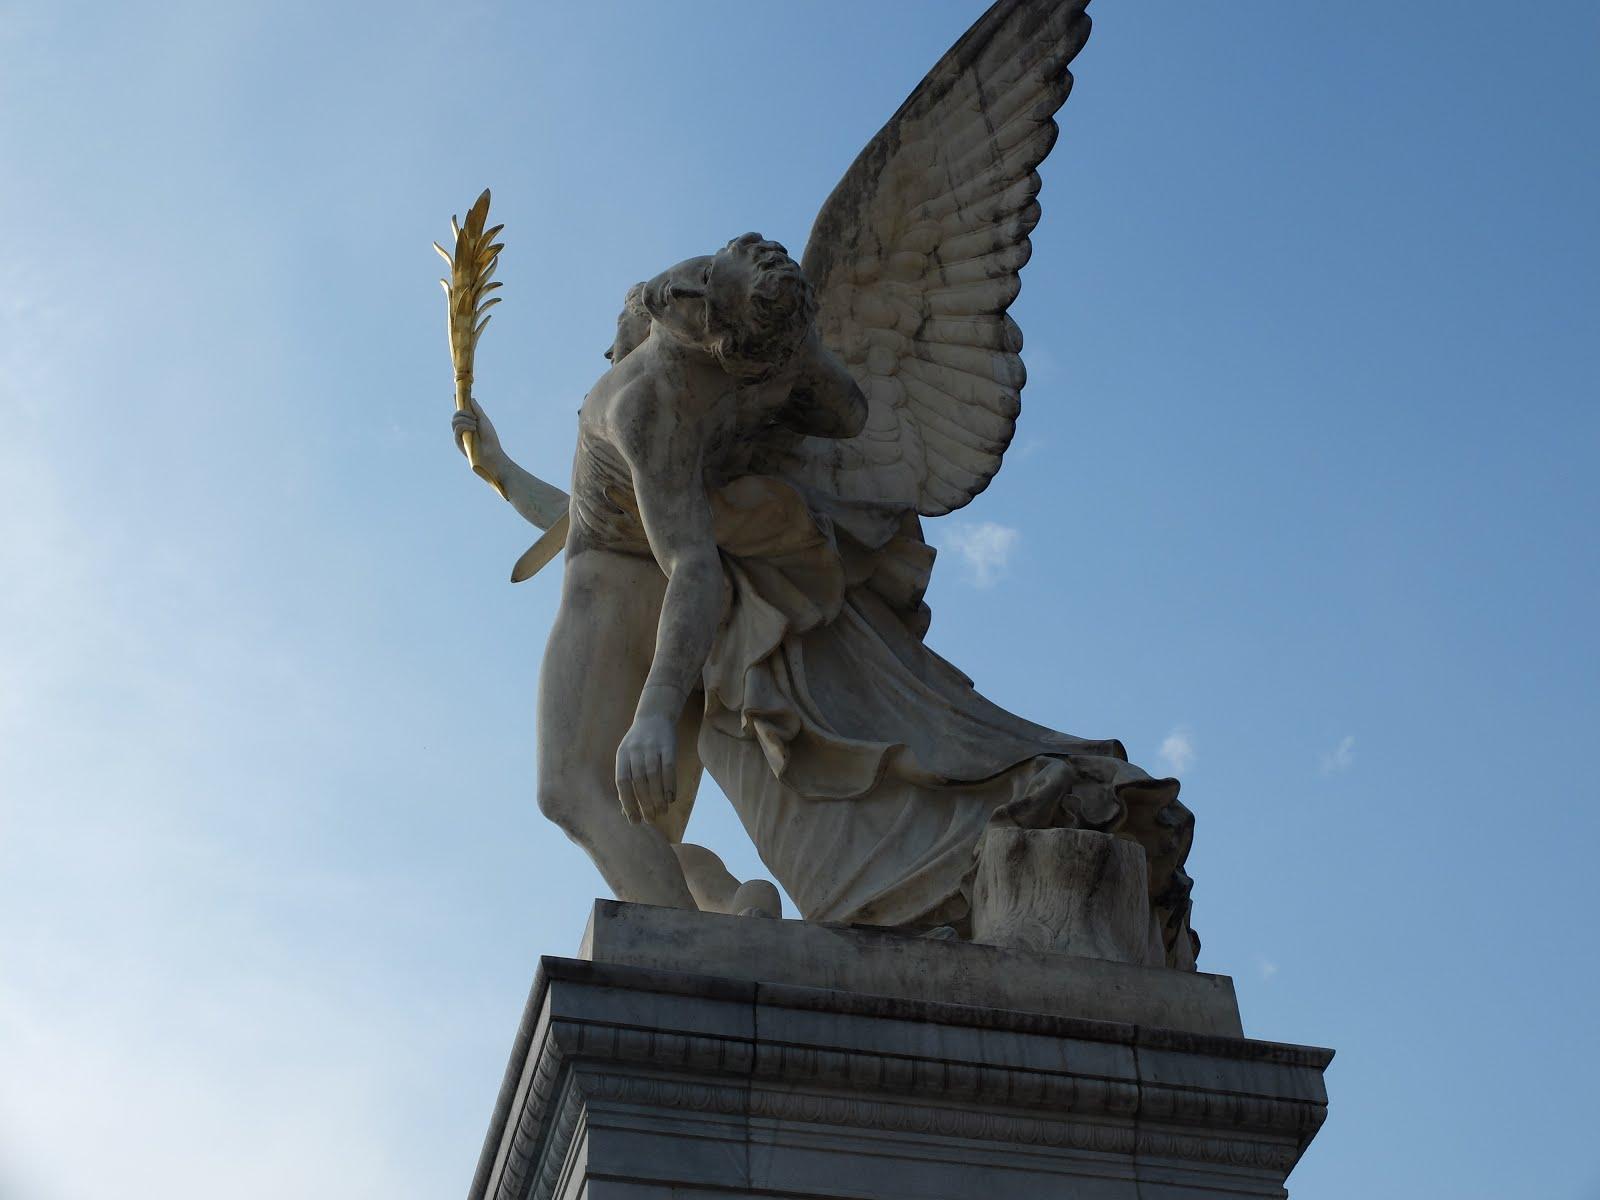 Skulptur sterbender Krieger